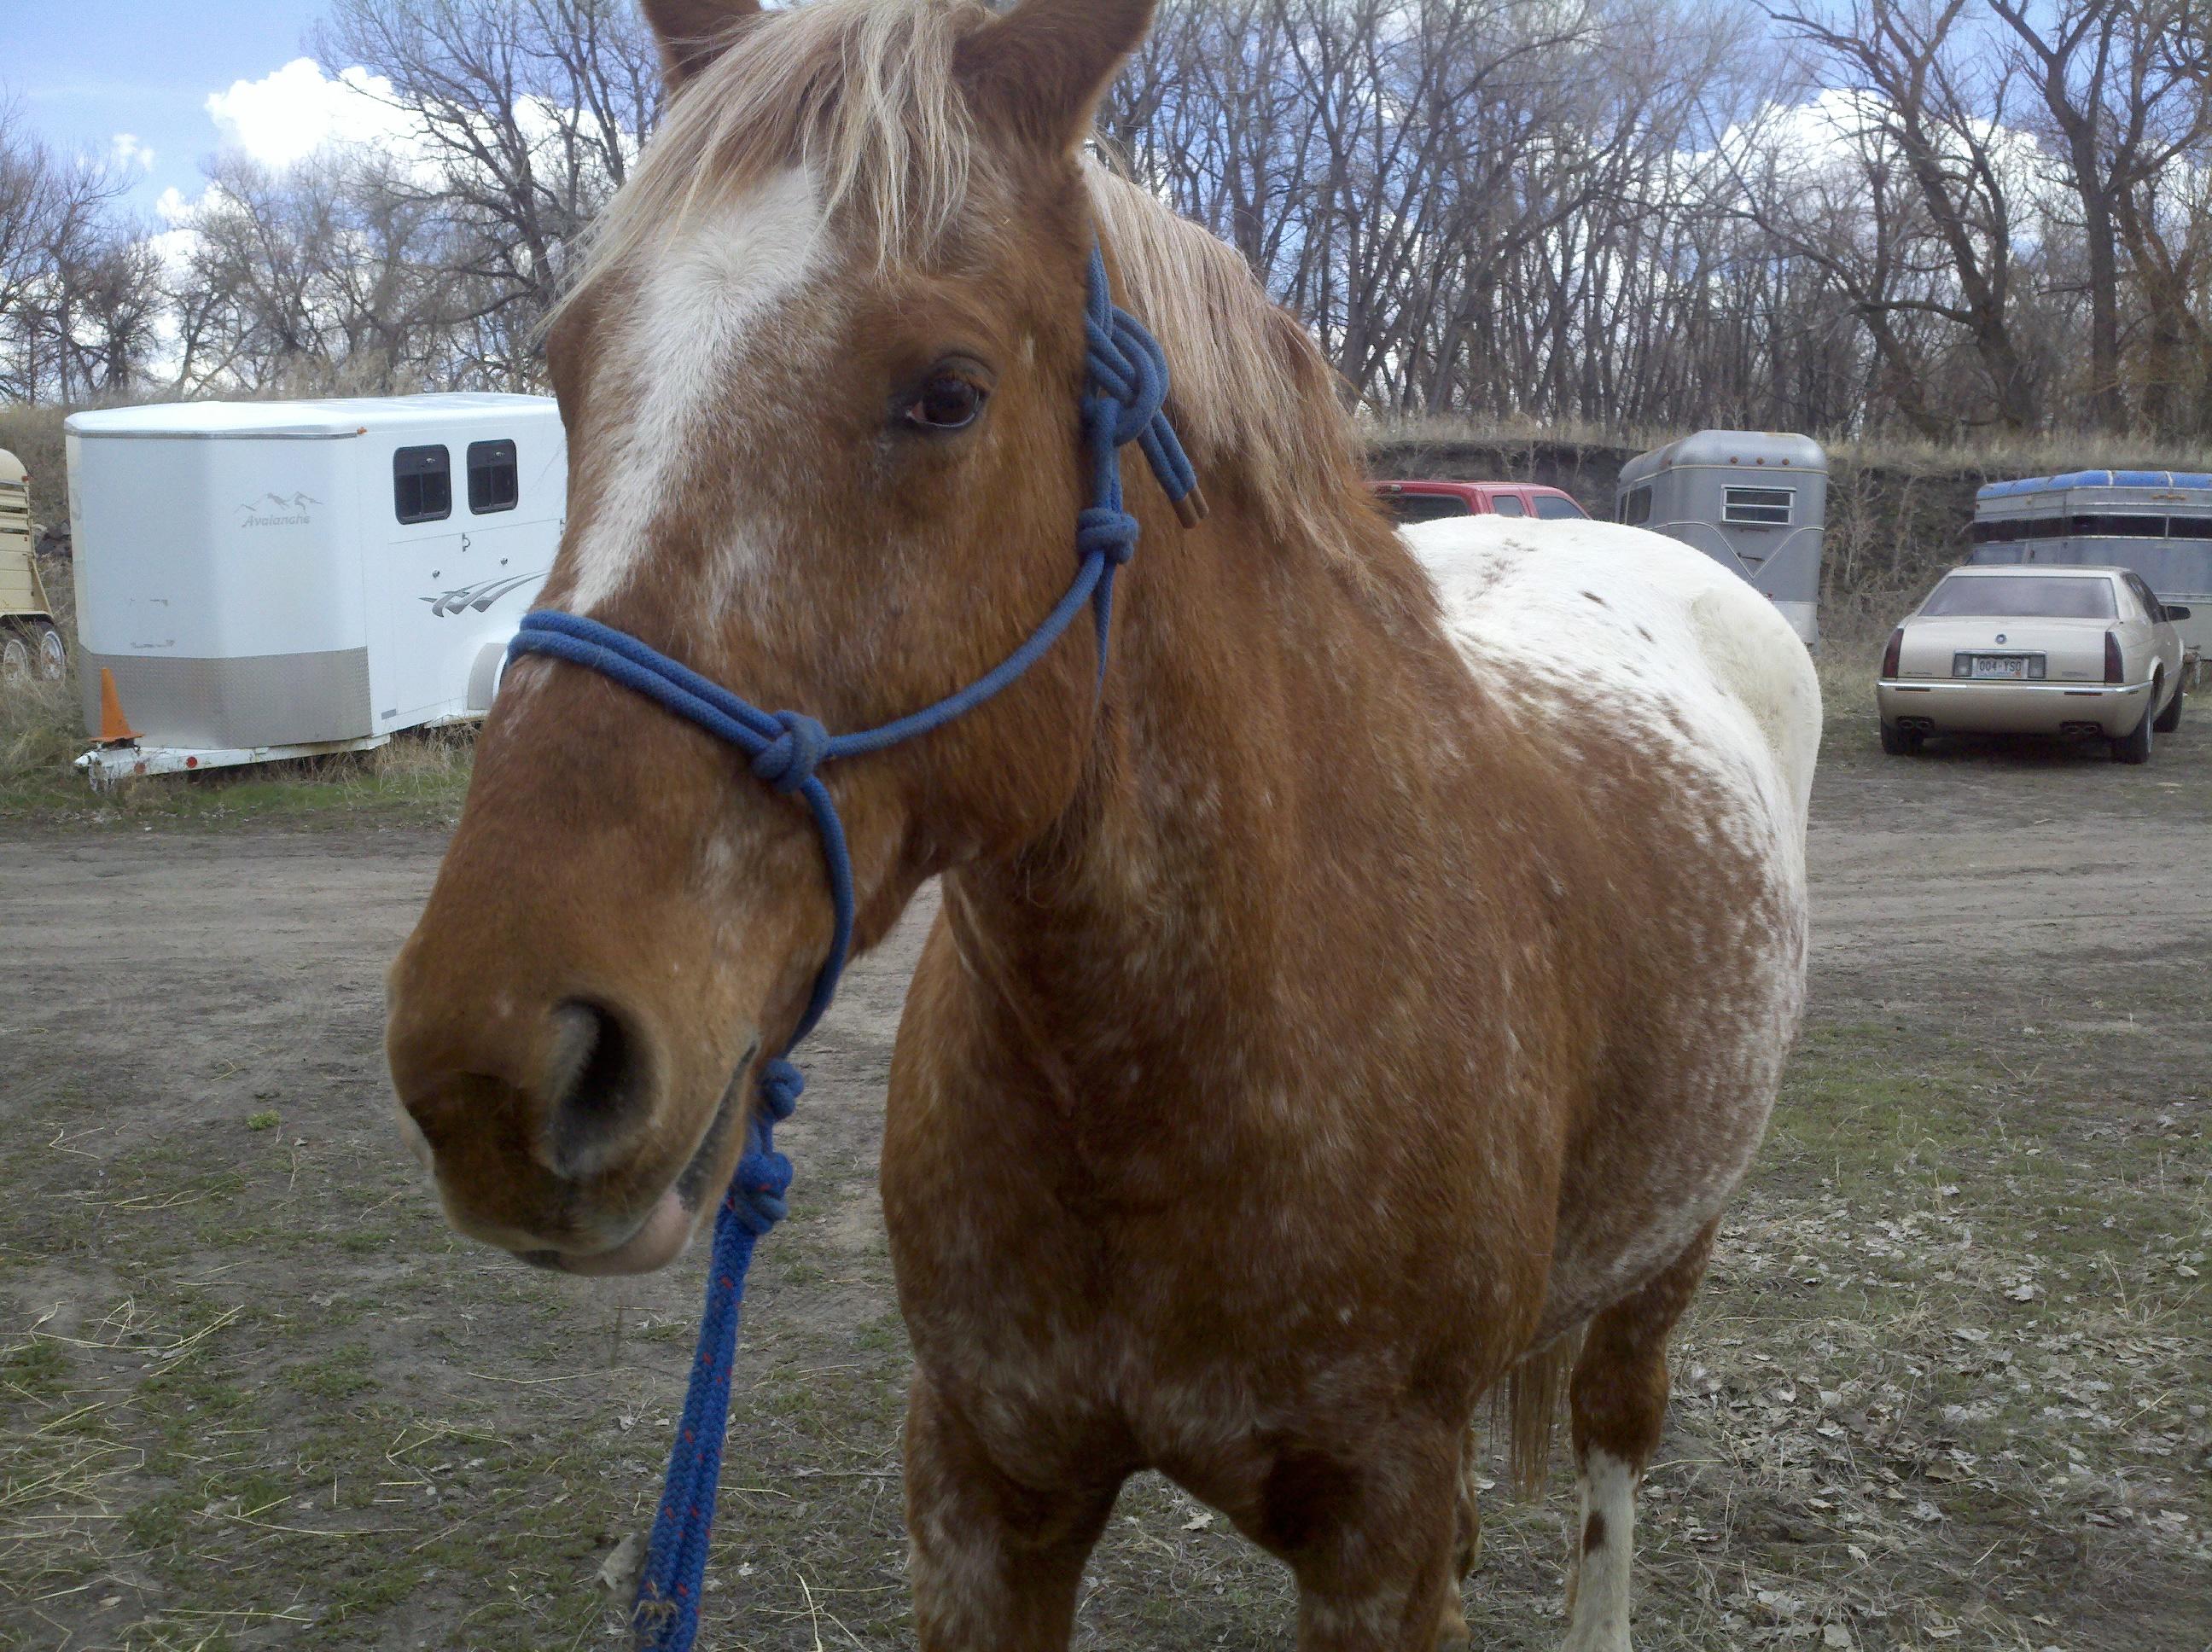 Denver Horse Sitter